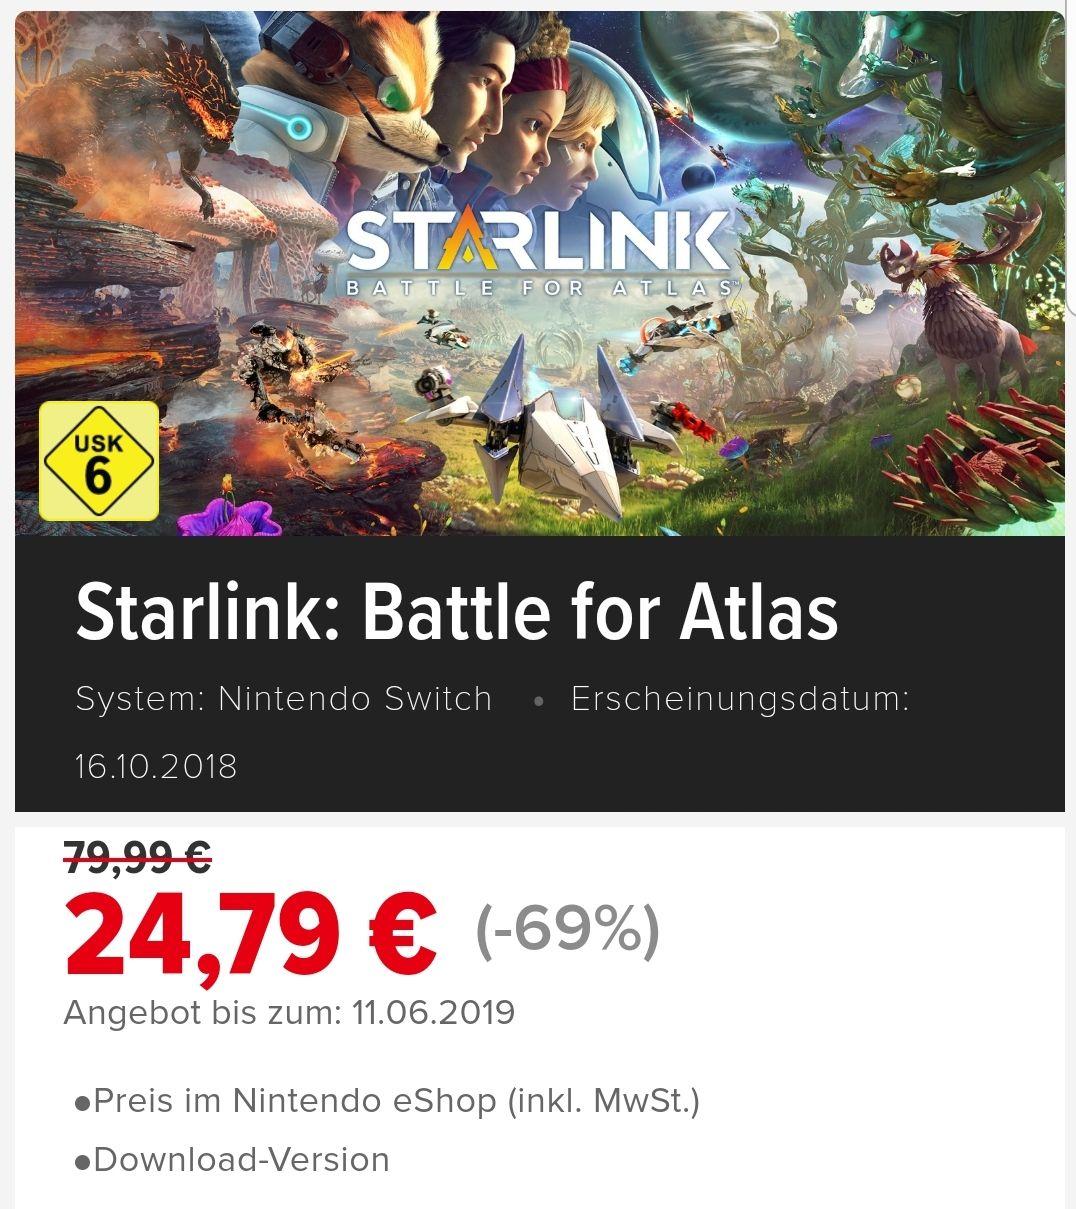 (Switch E-Shop) Starlink: Battle for Atlas und die Deluxe Version